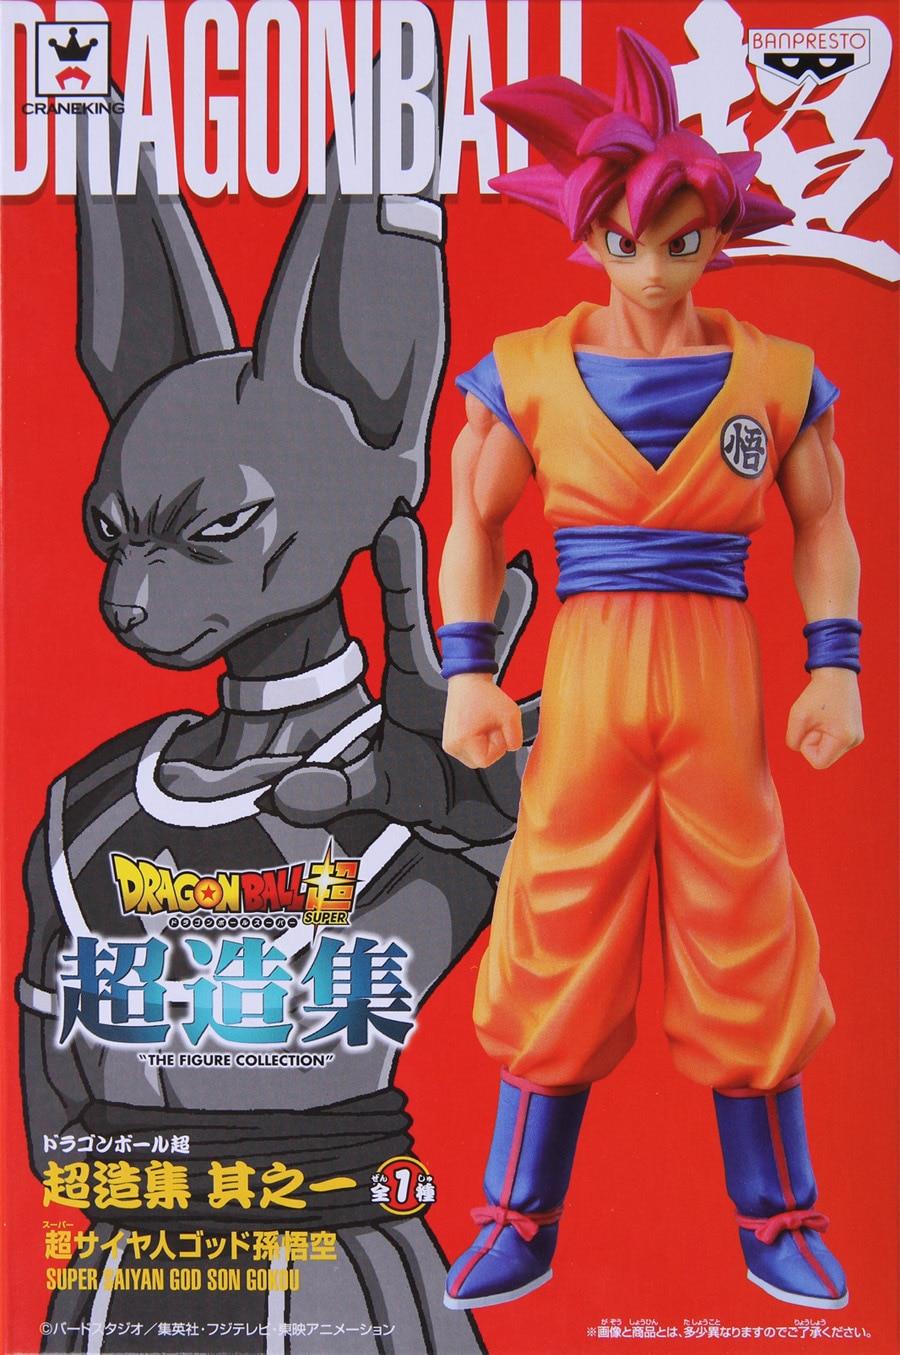 Dragon Ball Z Action Figures Son Goku Super Saiyan Vegeta Ball Z Dragon Dragonball Z Figures Dbz Toys 16cm PVC Figurine saintgi goku dragon ball z action figures super saiyan son kaiouken pvc 14cm anime juguetes dragonball z esferas del